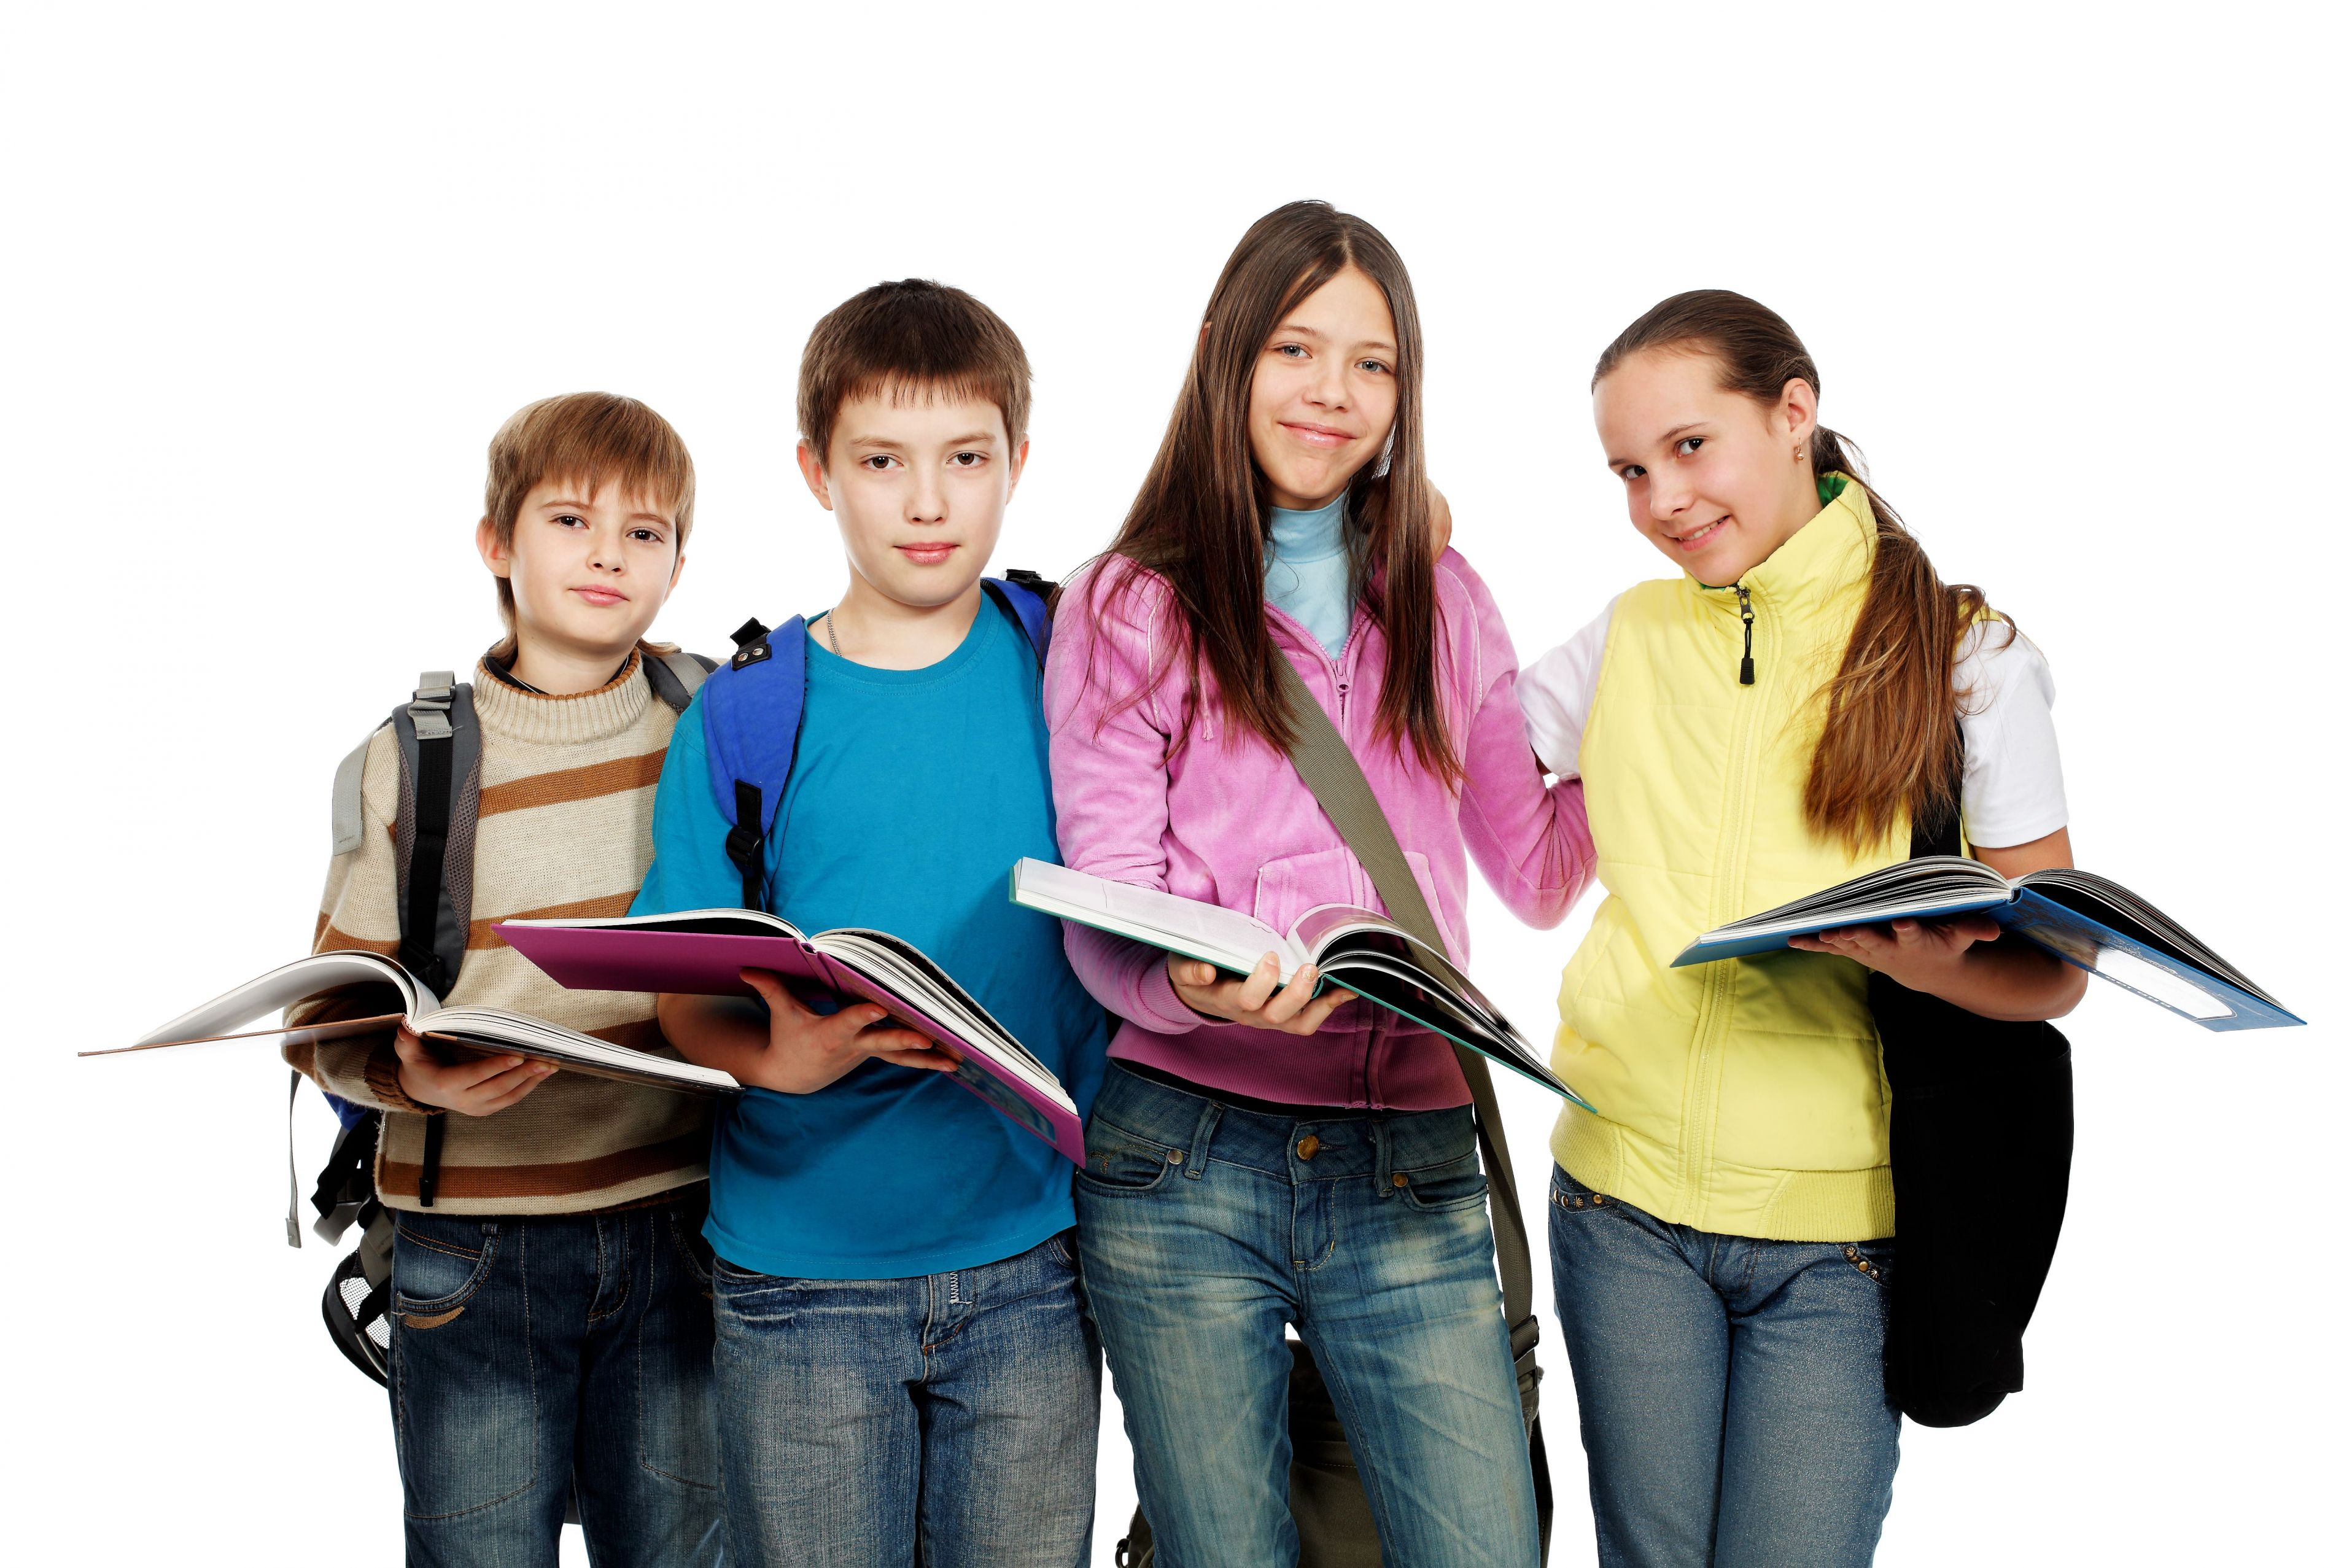 Подростки с учебниками